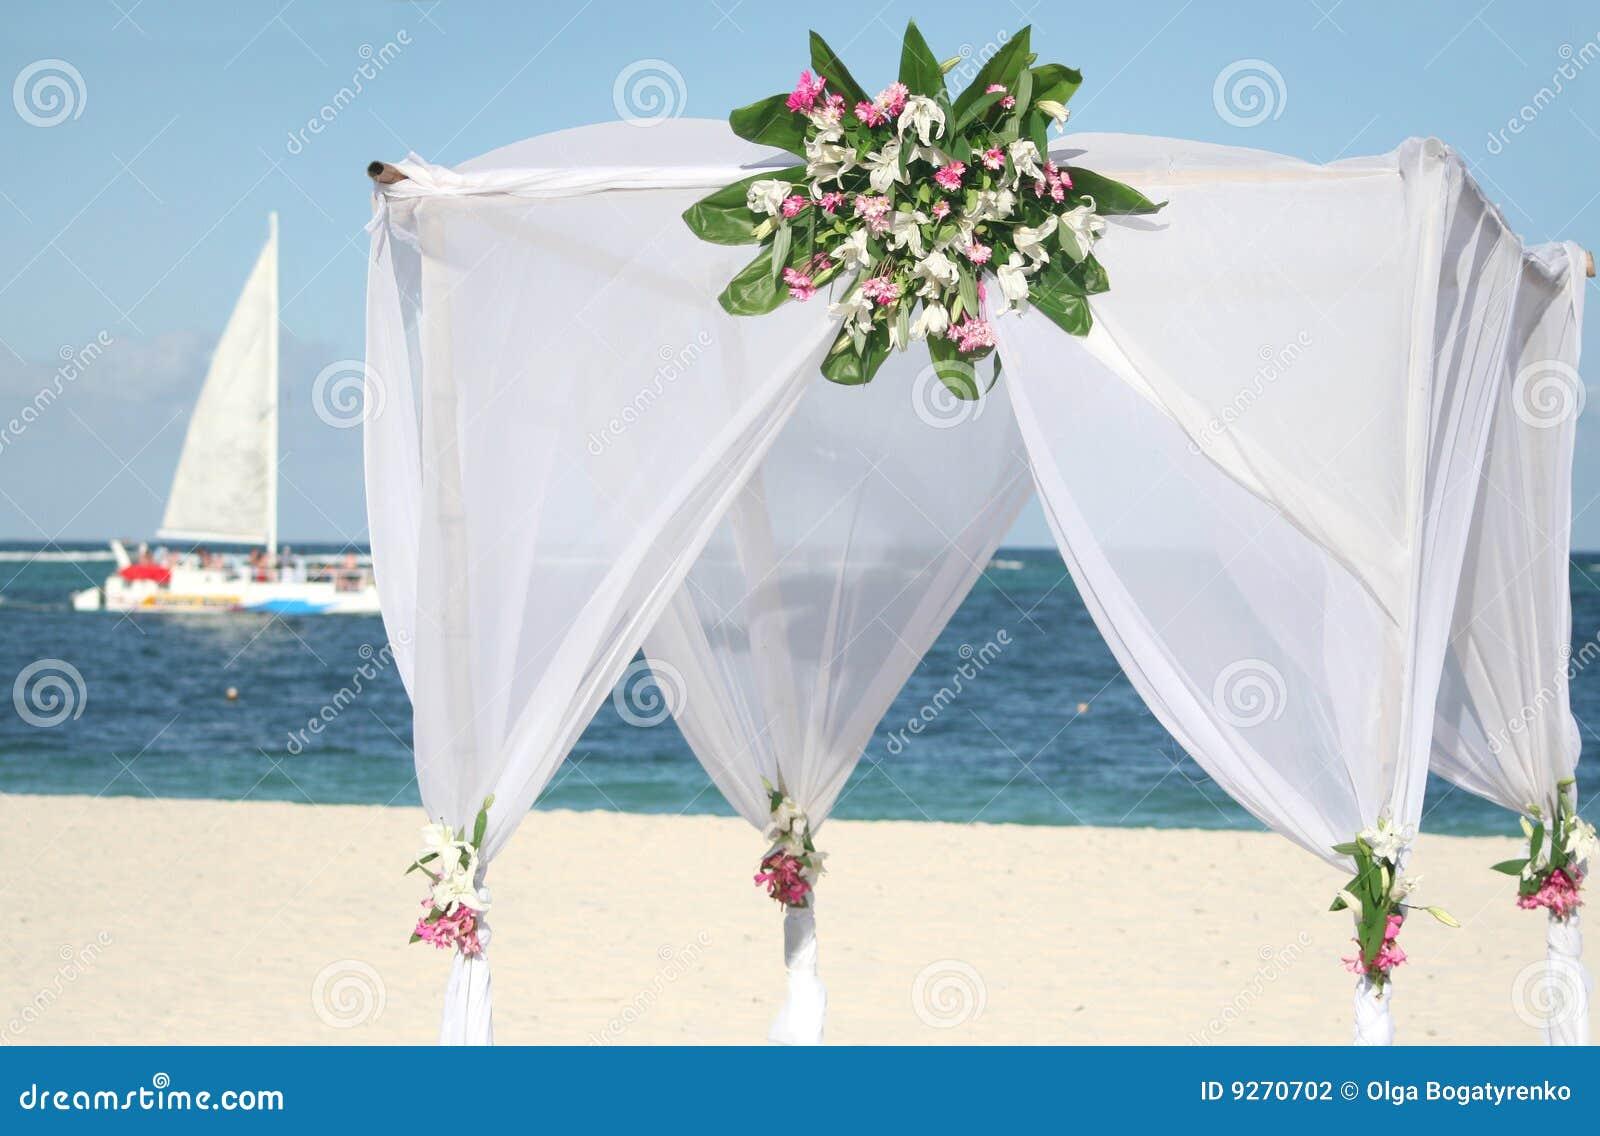 gazebo de mariage sur la plage photographie stock image 9270702. Black Bedroom Furniture Sets. Home Design Ideas